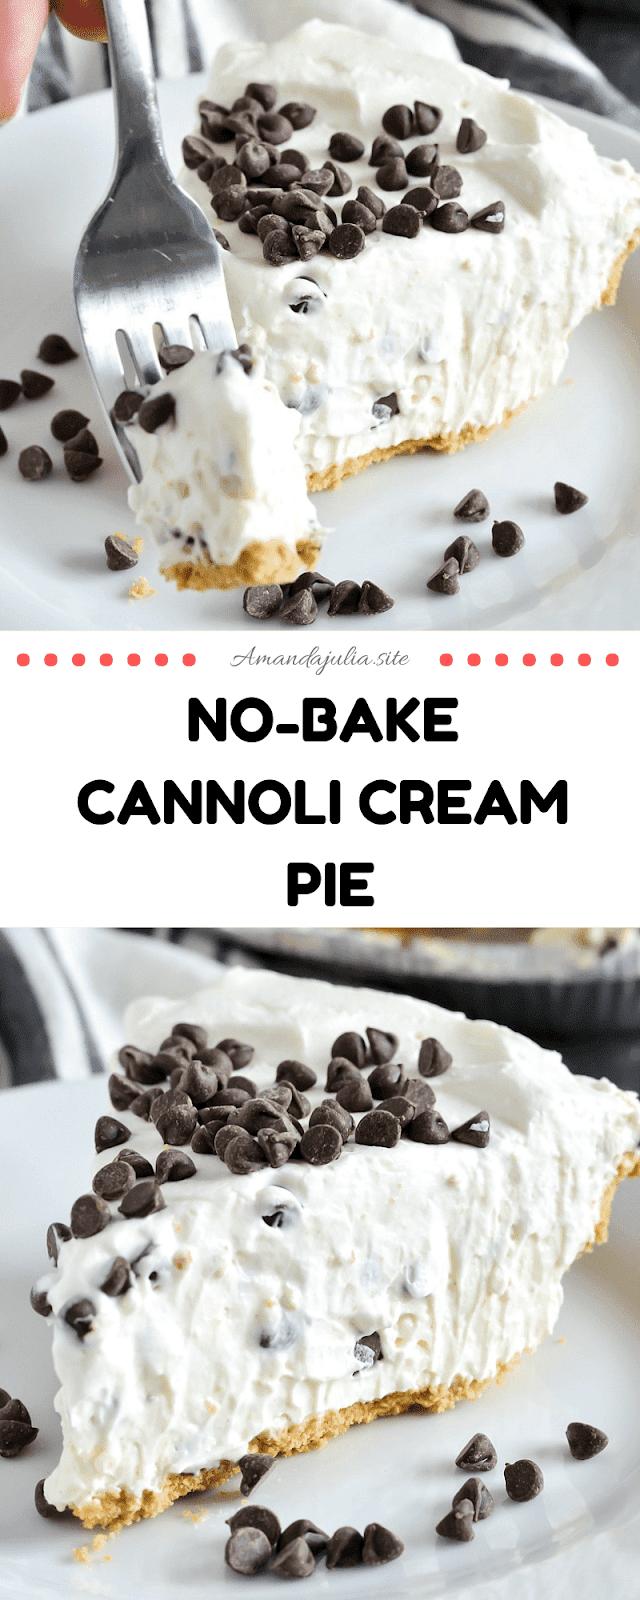 No-Bake Cannoli Cream Pie Recipe